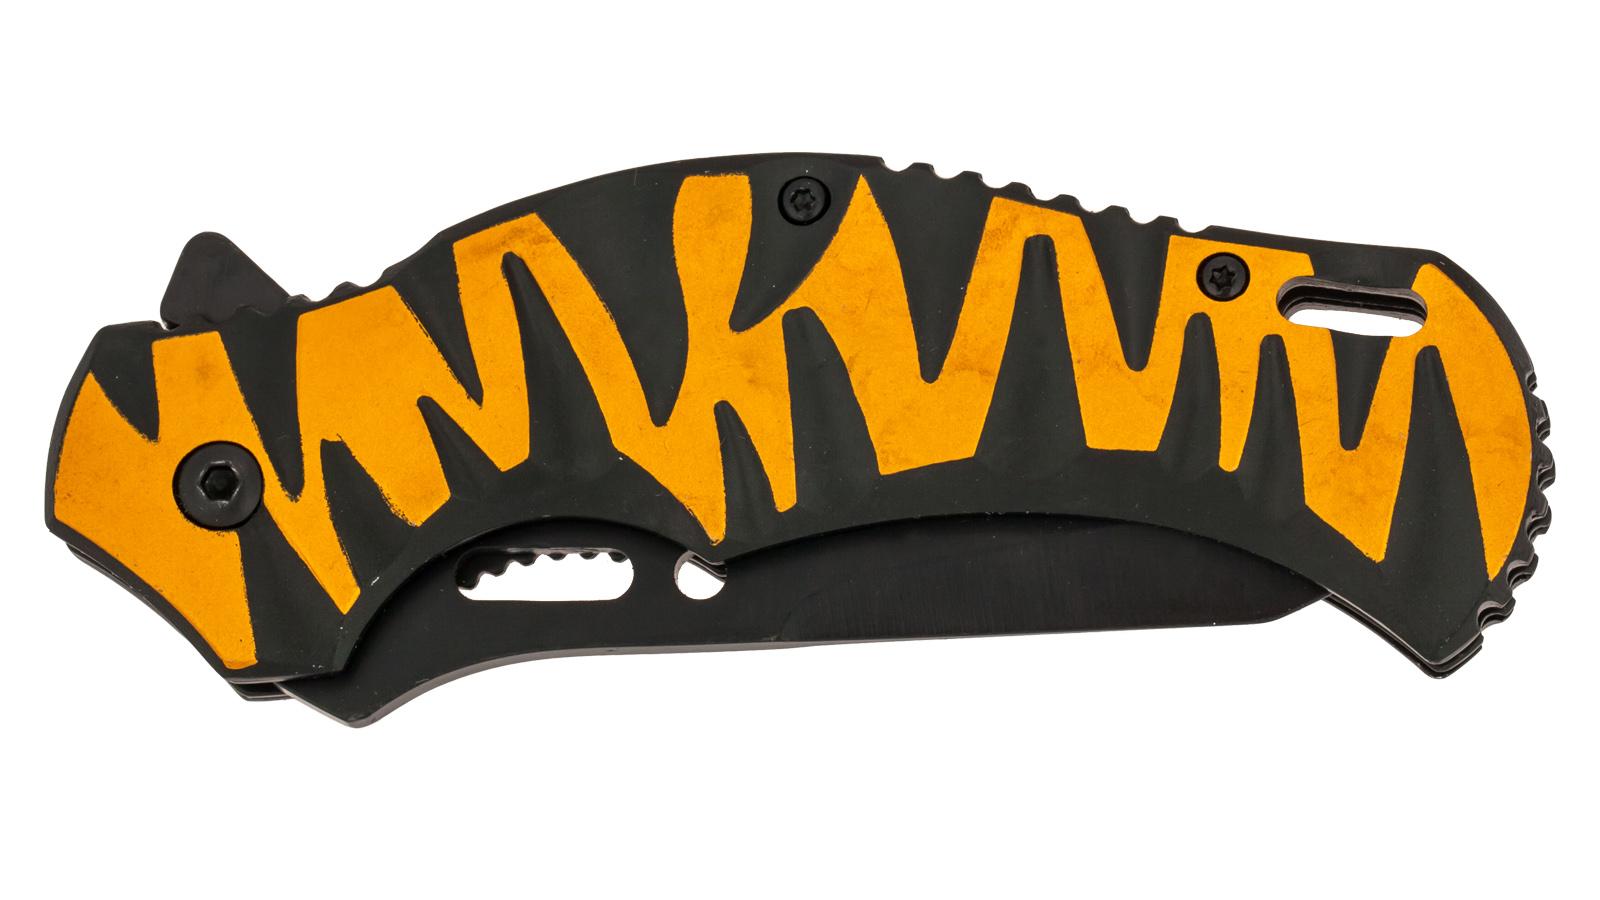 Складной нож Crossnar Racha 11035 - купить оптом